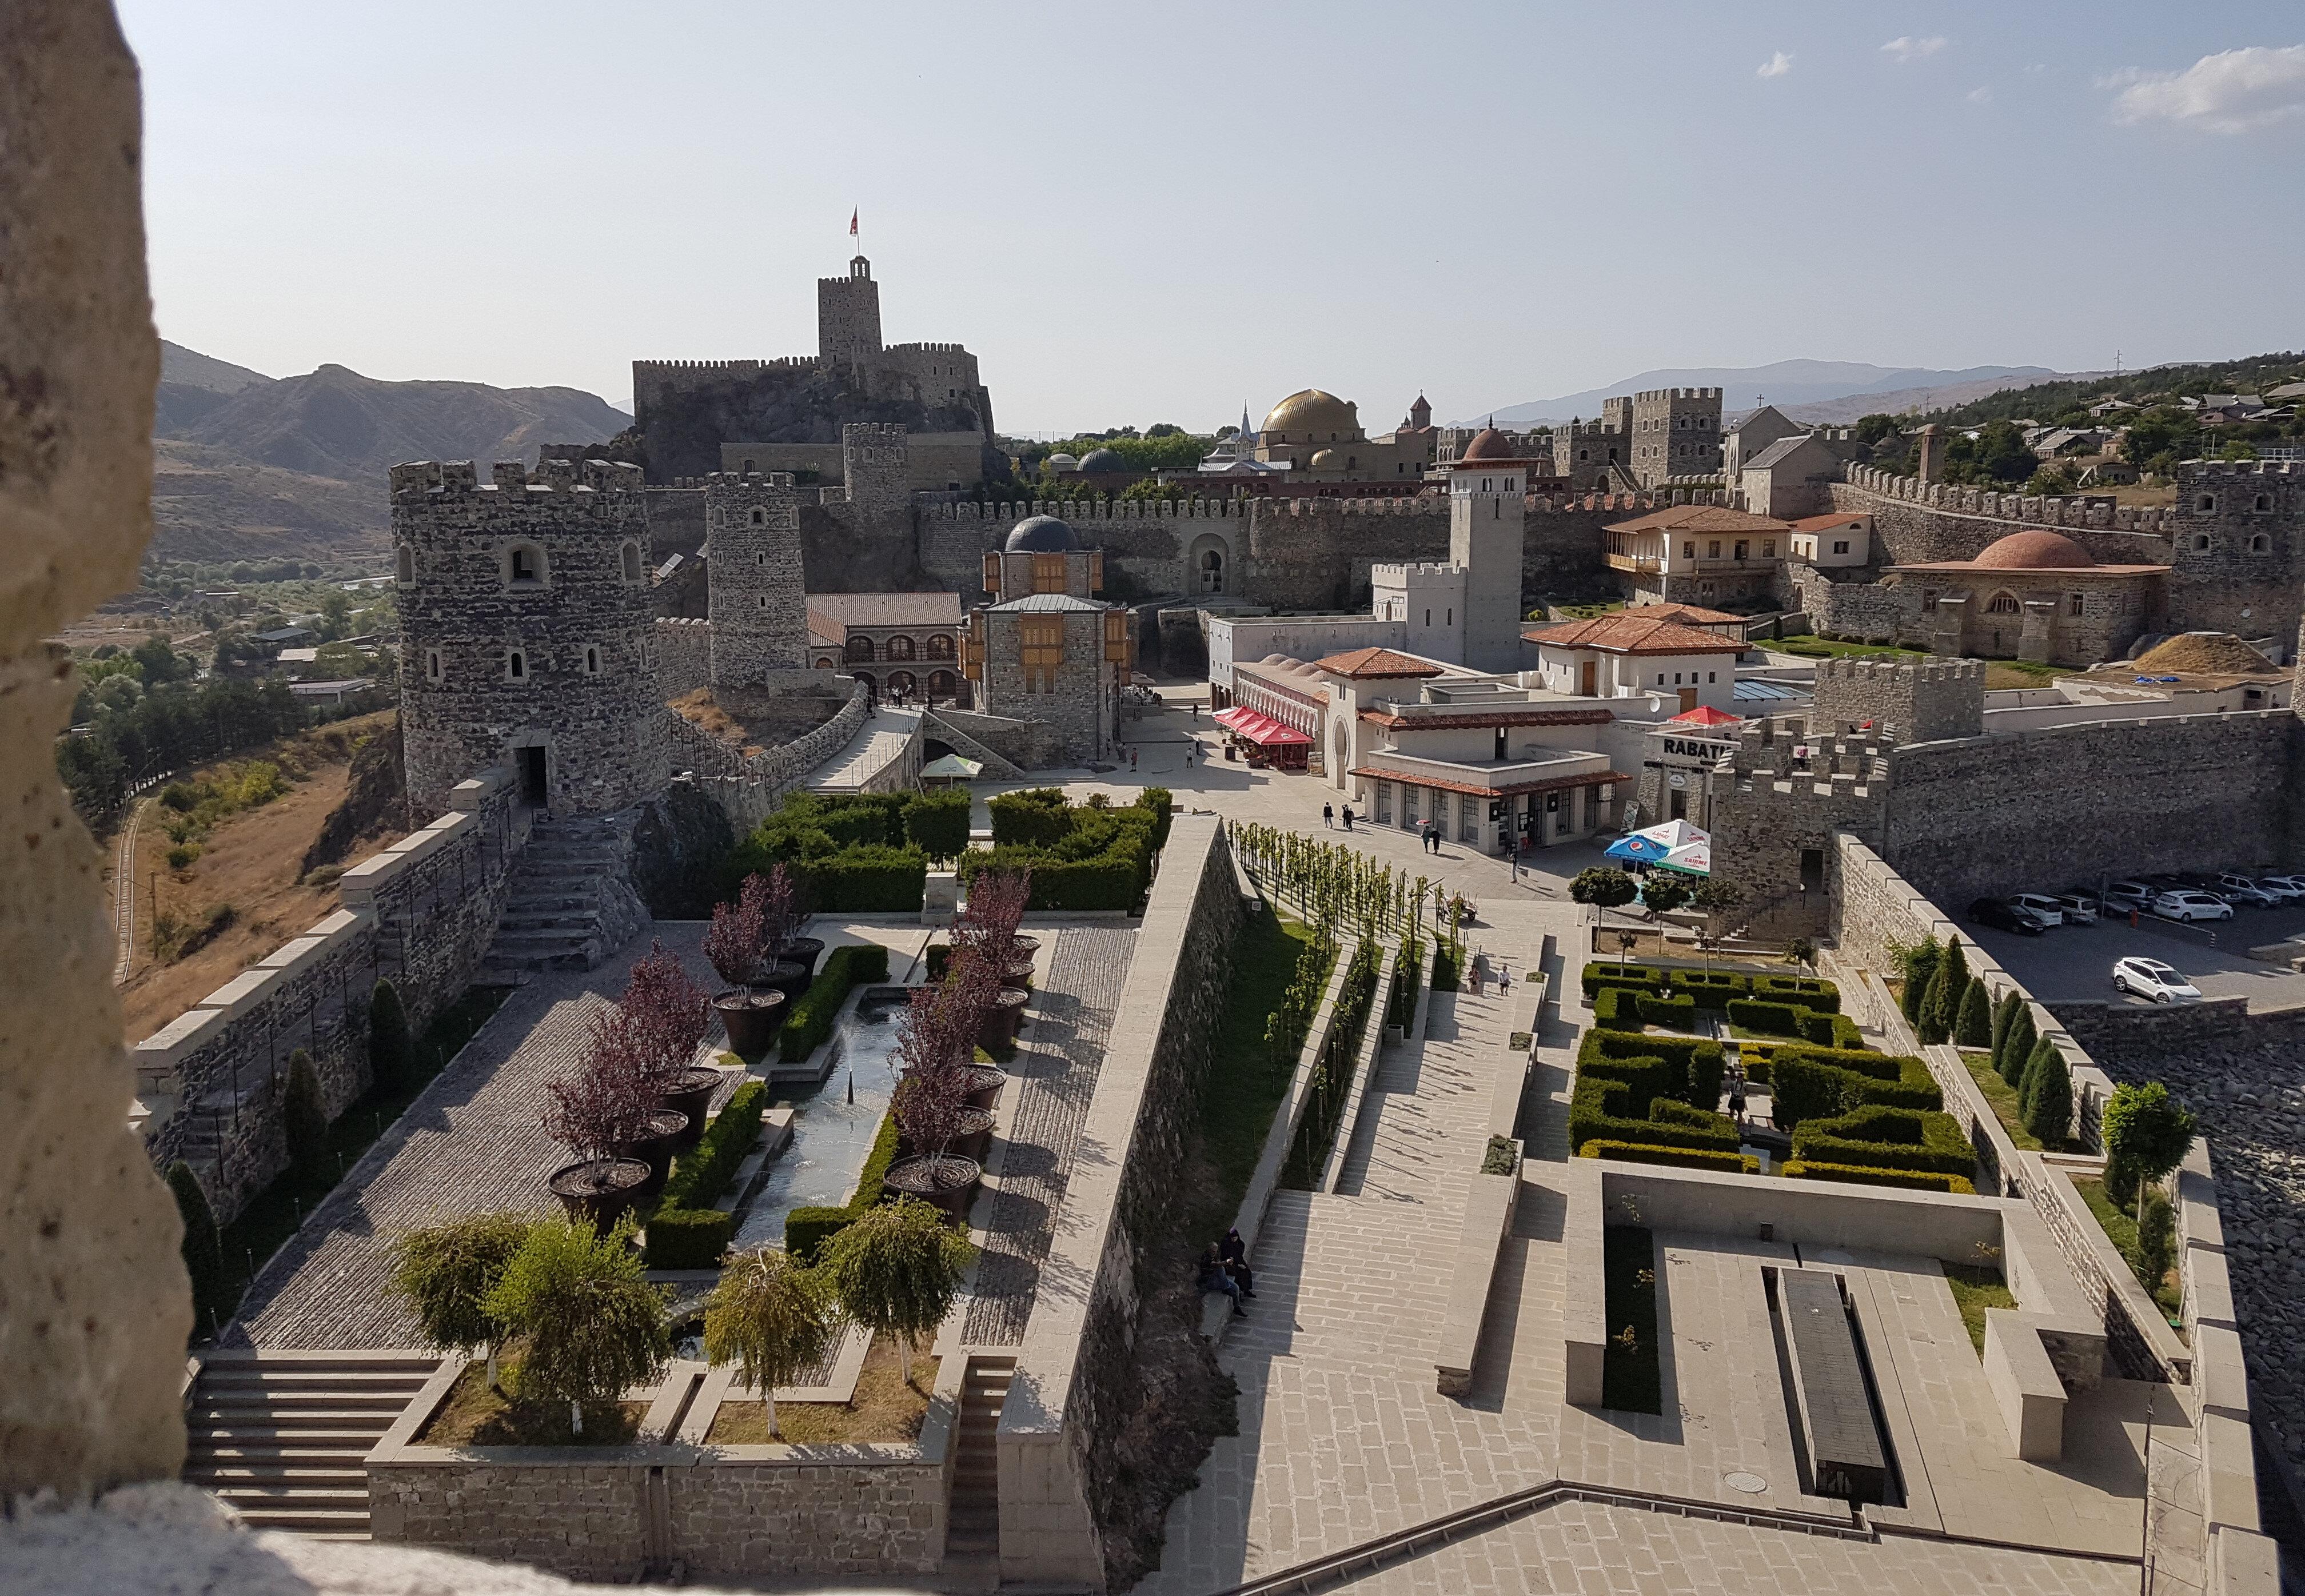 Gürcülerin Rabat Kalesi diye isimlendirdiği Ahıska Kalesi'nden bir kare. (Fotoğraf: Ruslan Ayvazov)